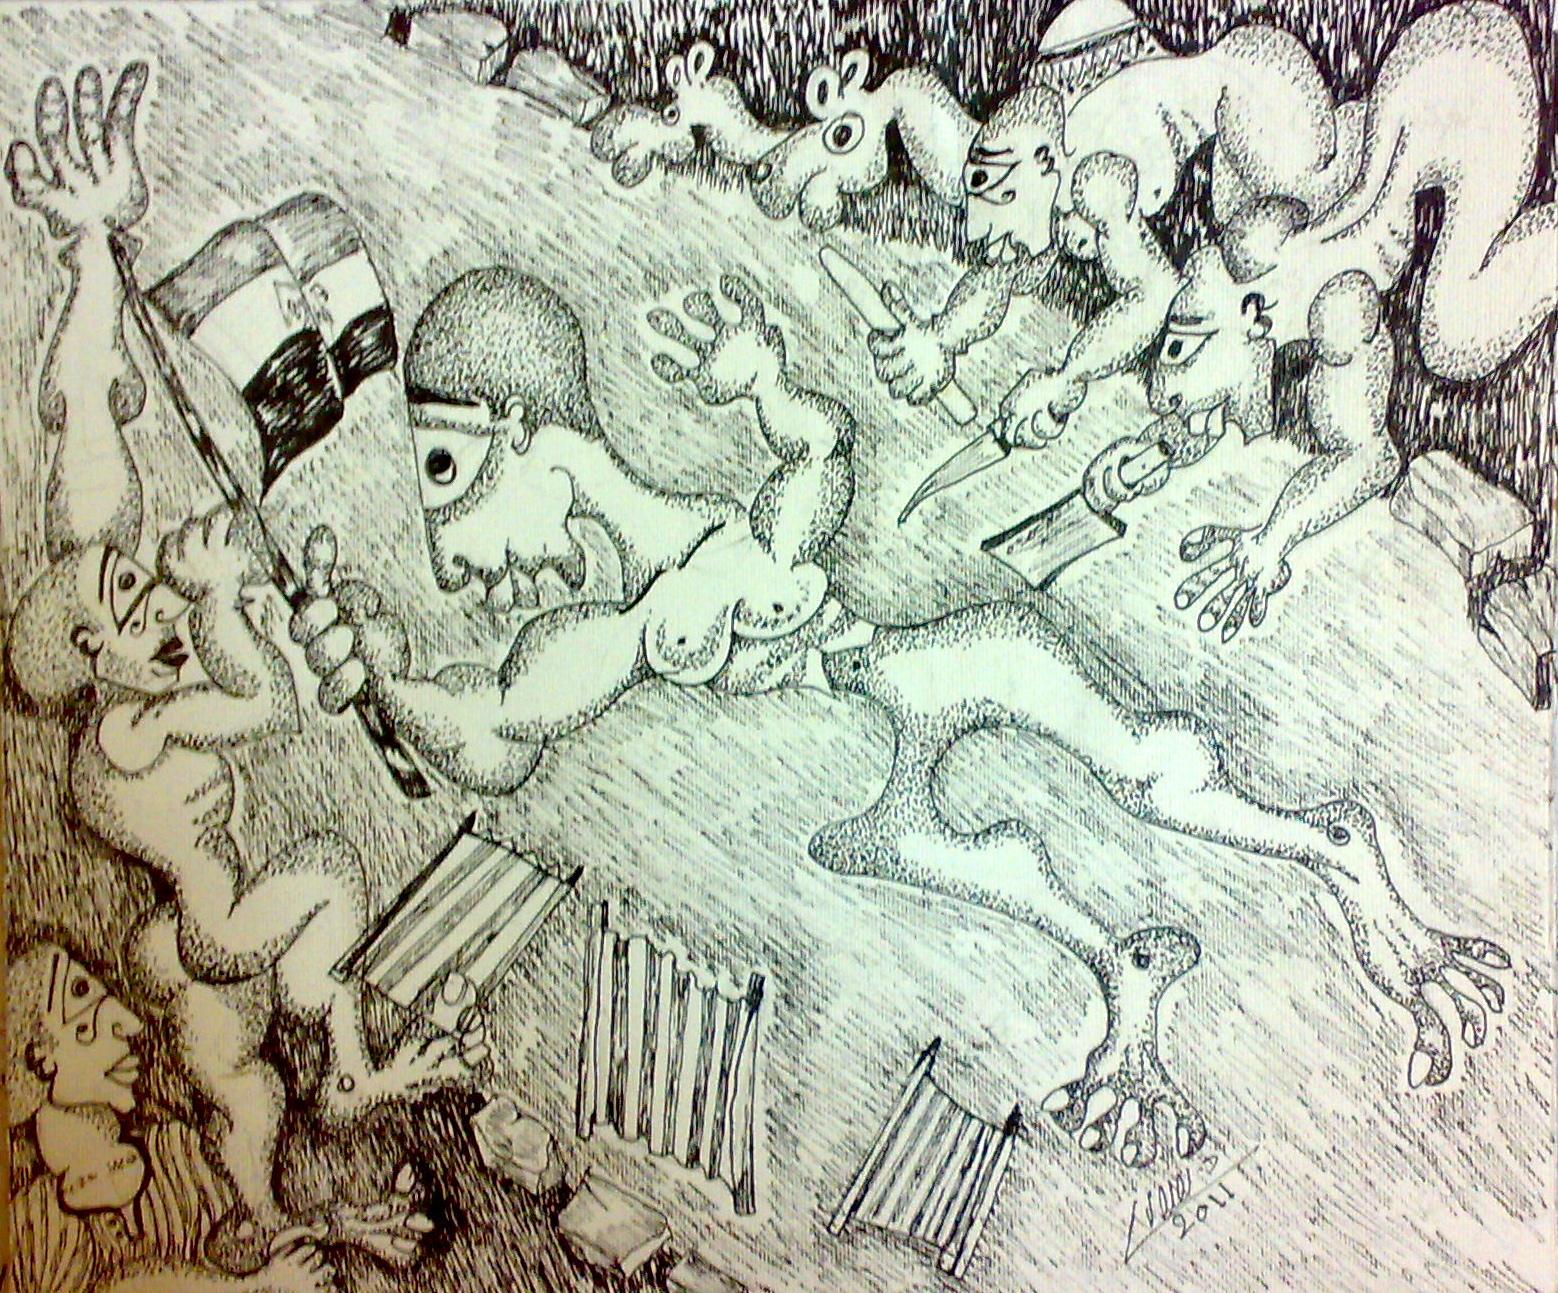 ثورة 25 يناير، فن تشكيلي